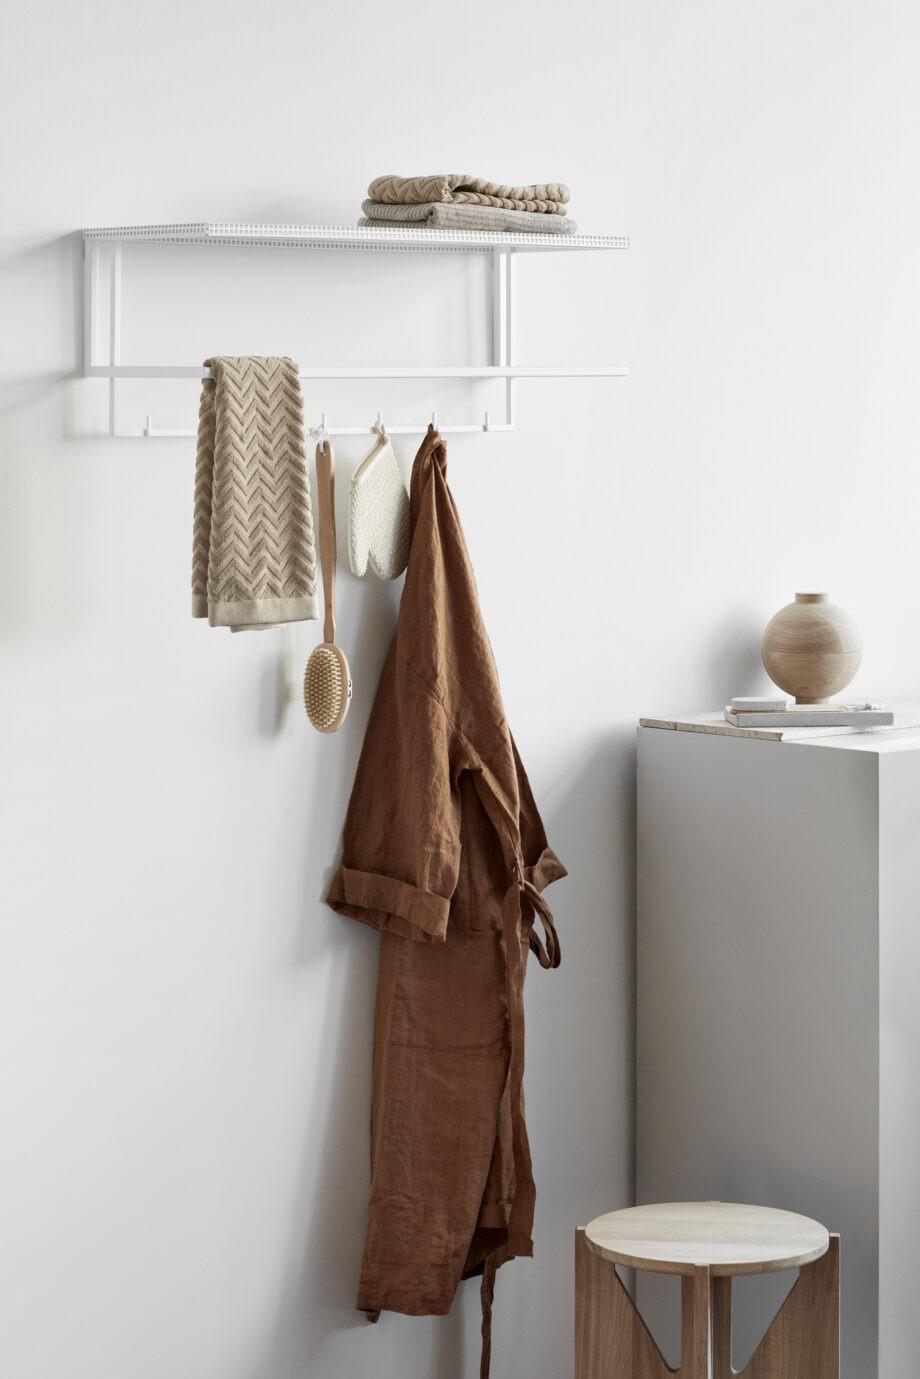 Kristina Dam grid garderobe kapstok in wit metaal voor entree, hal of badkamer